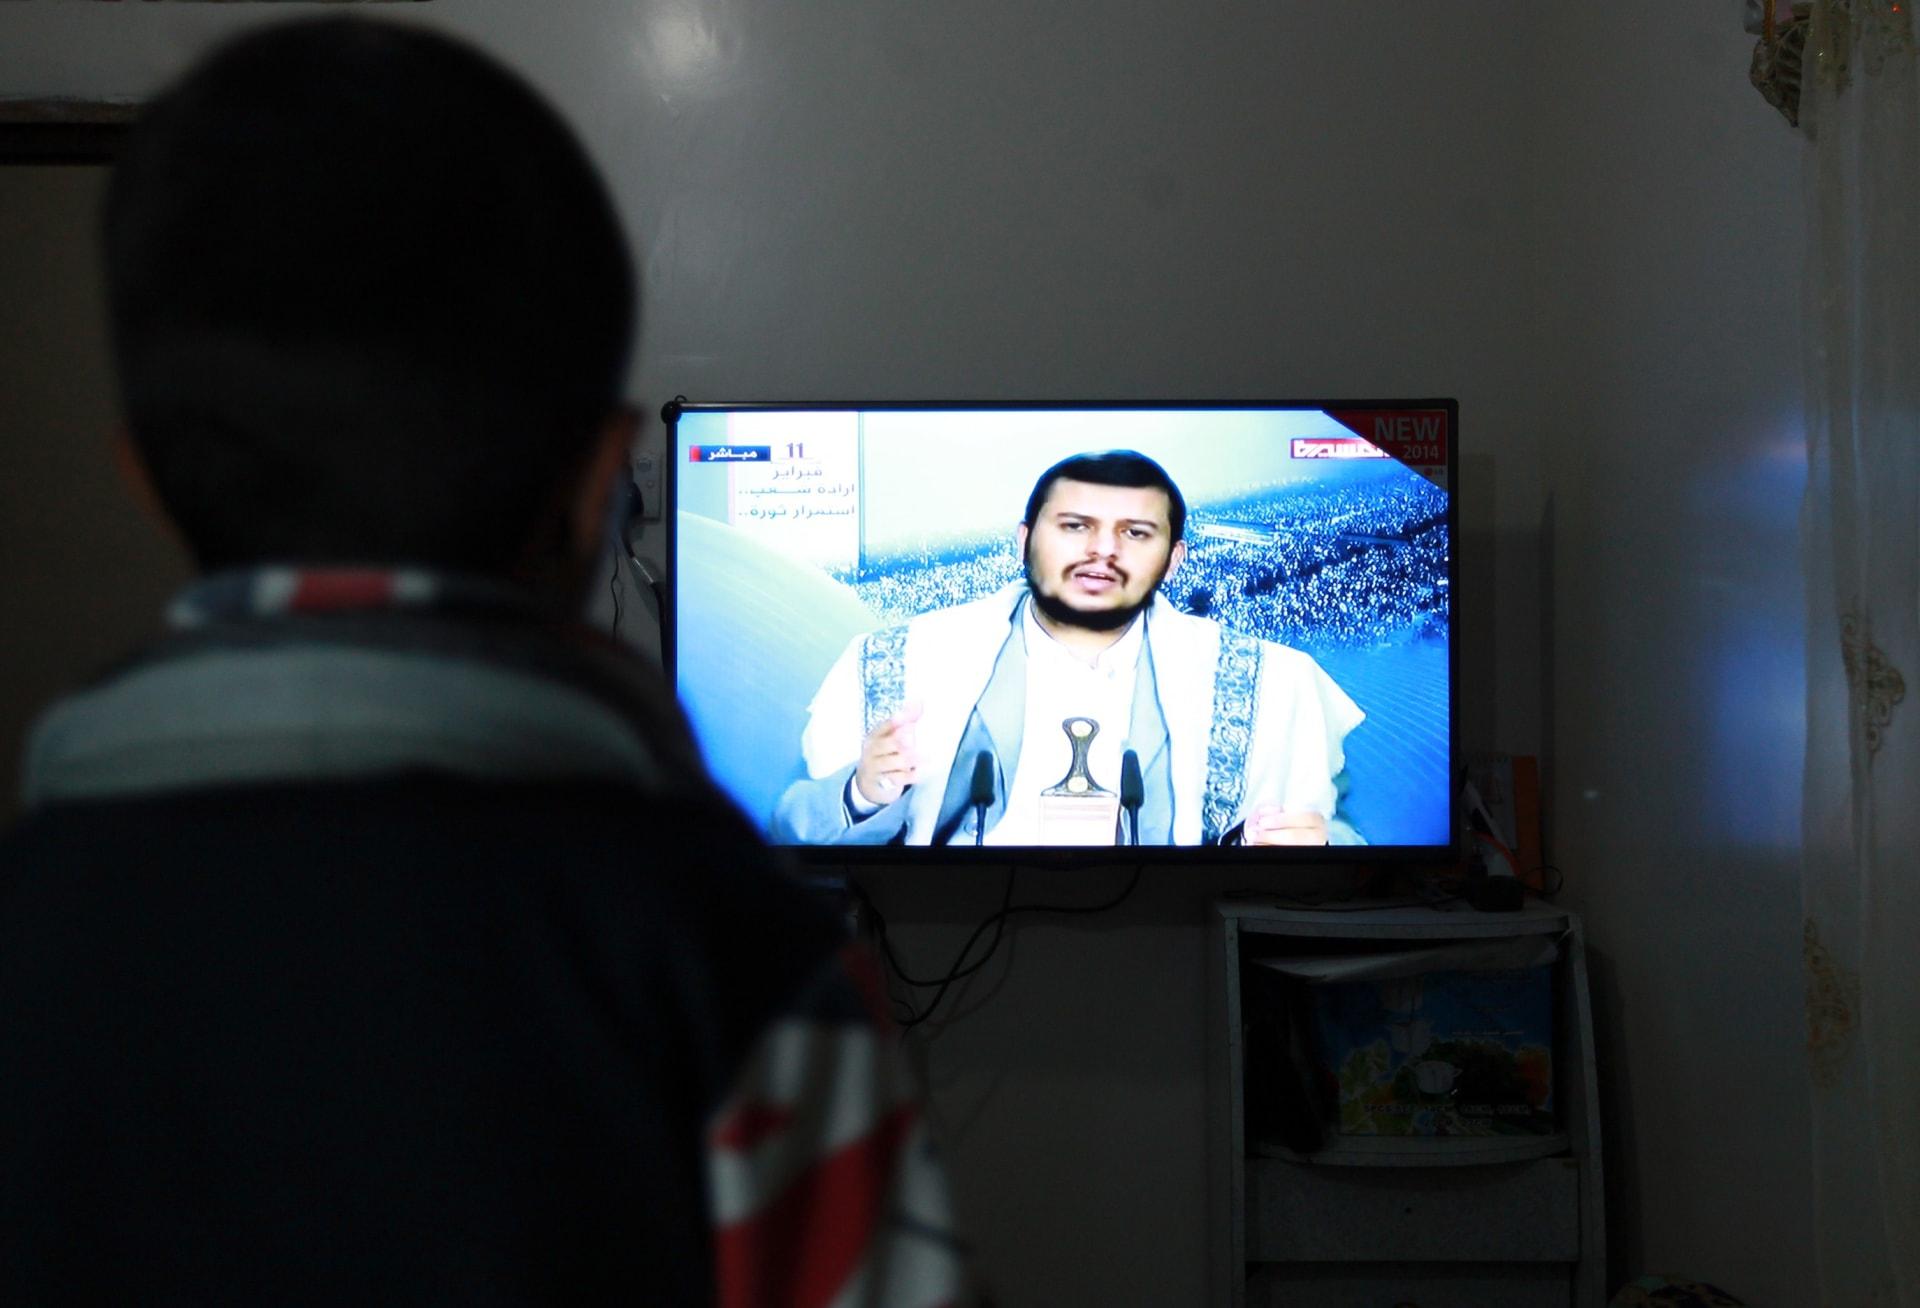 صورة أرشيفية ليمني يشاهد كلمة تلفزيونية لعبدالملك الحوثي